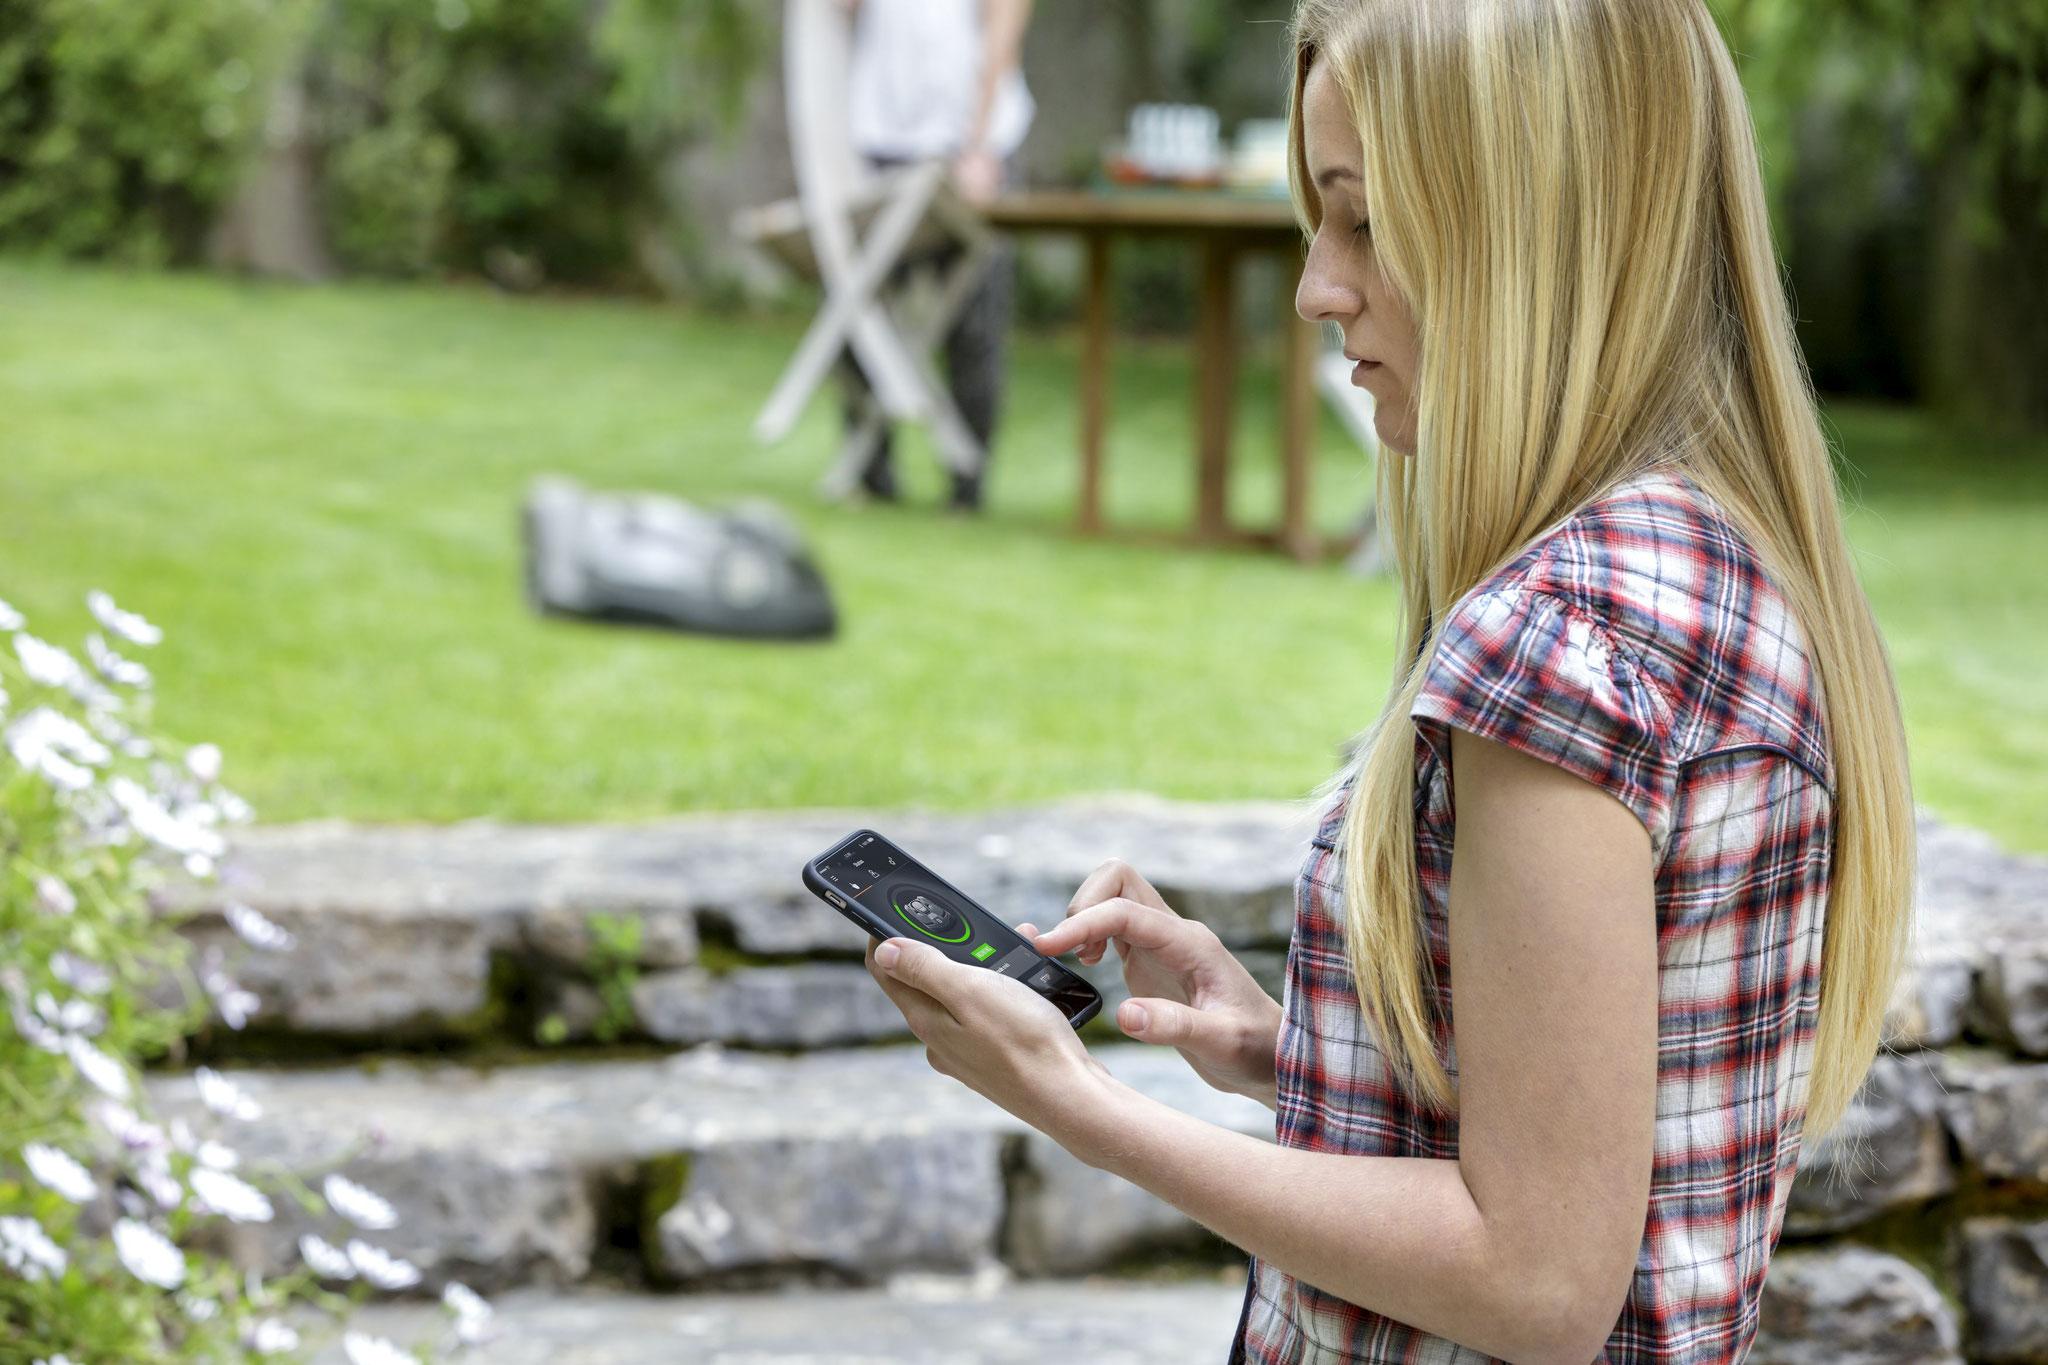 Bedienung per Smartphone